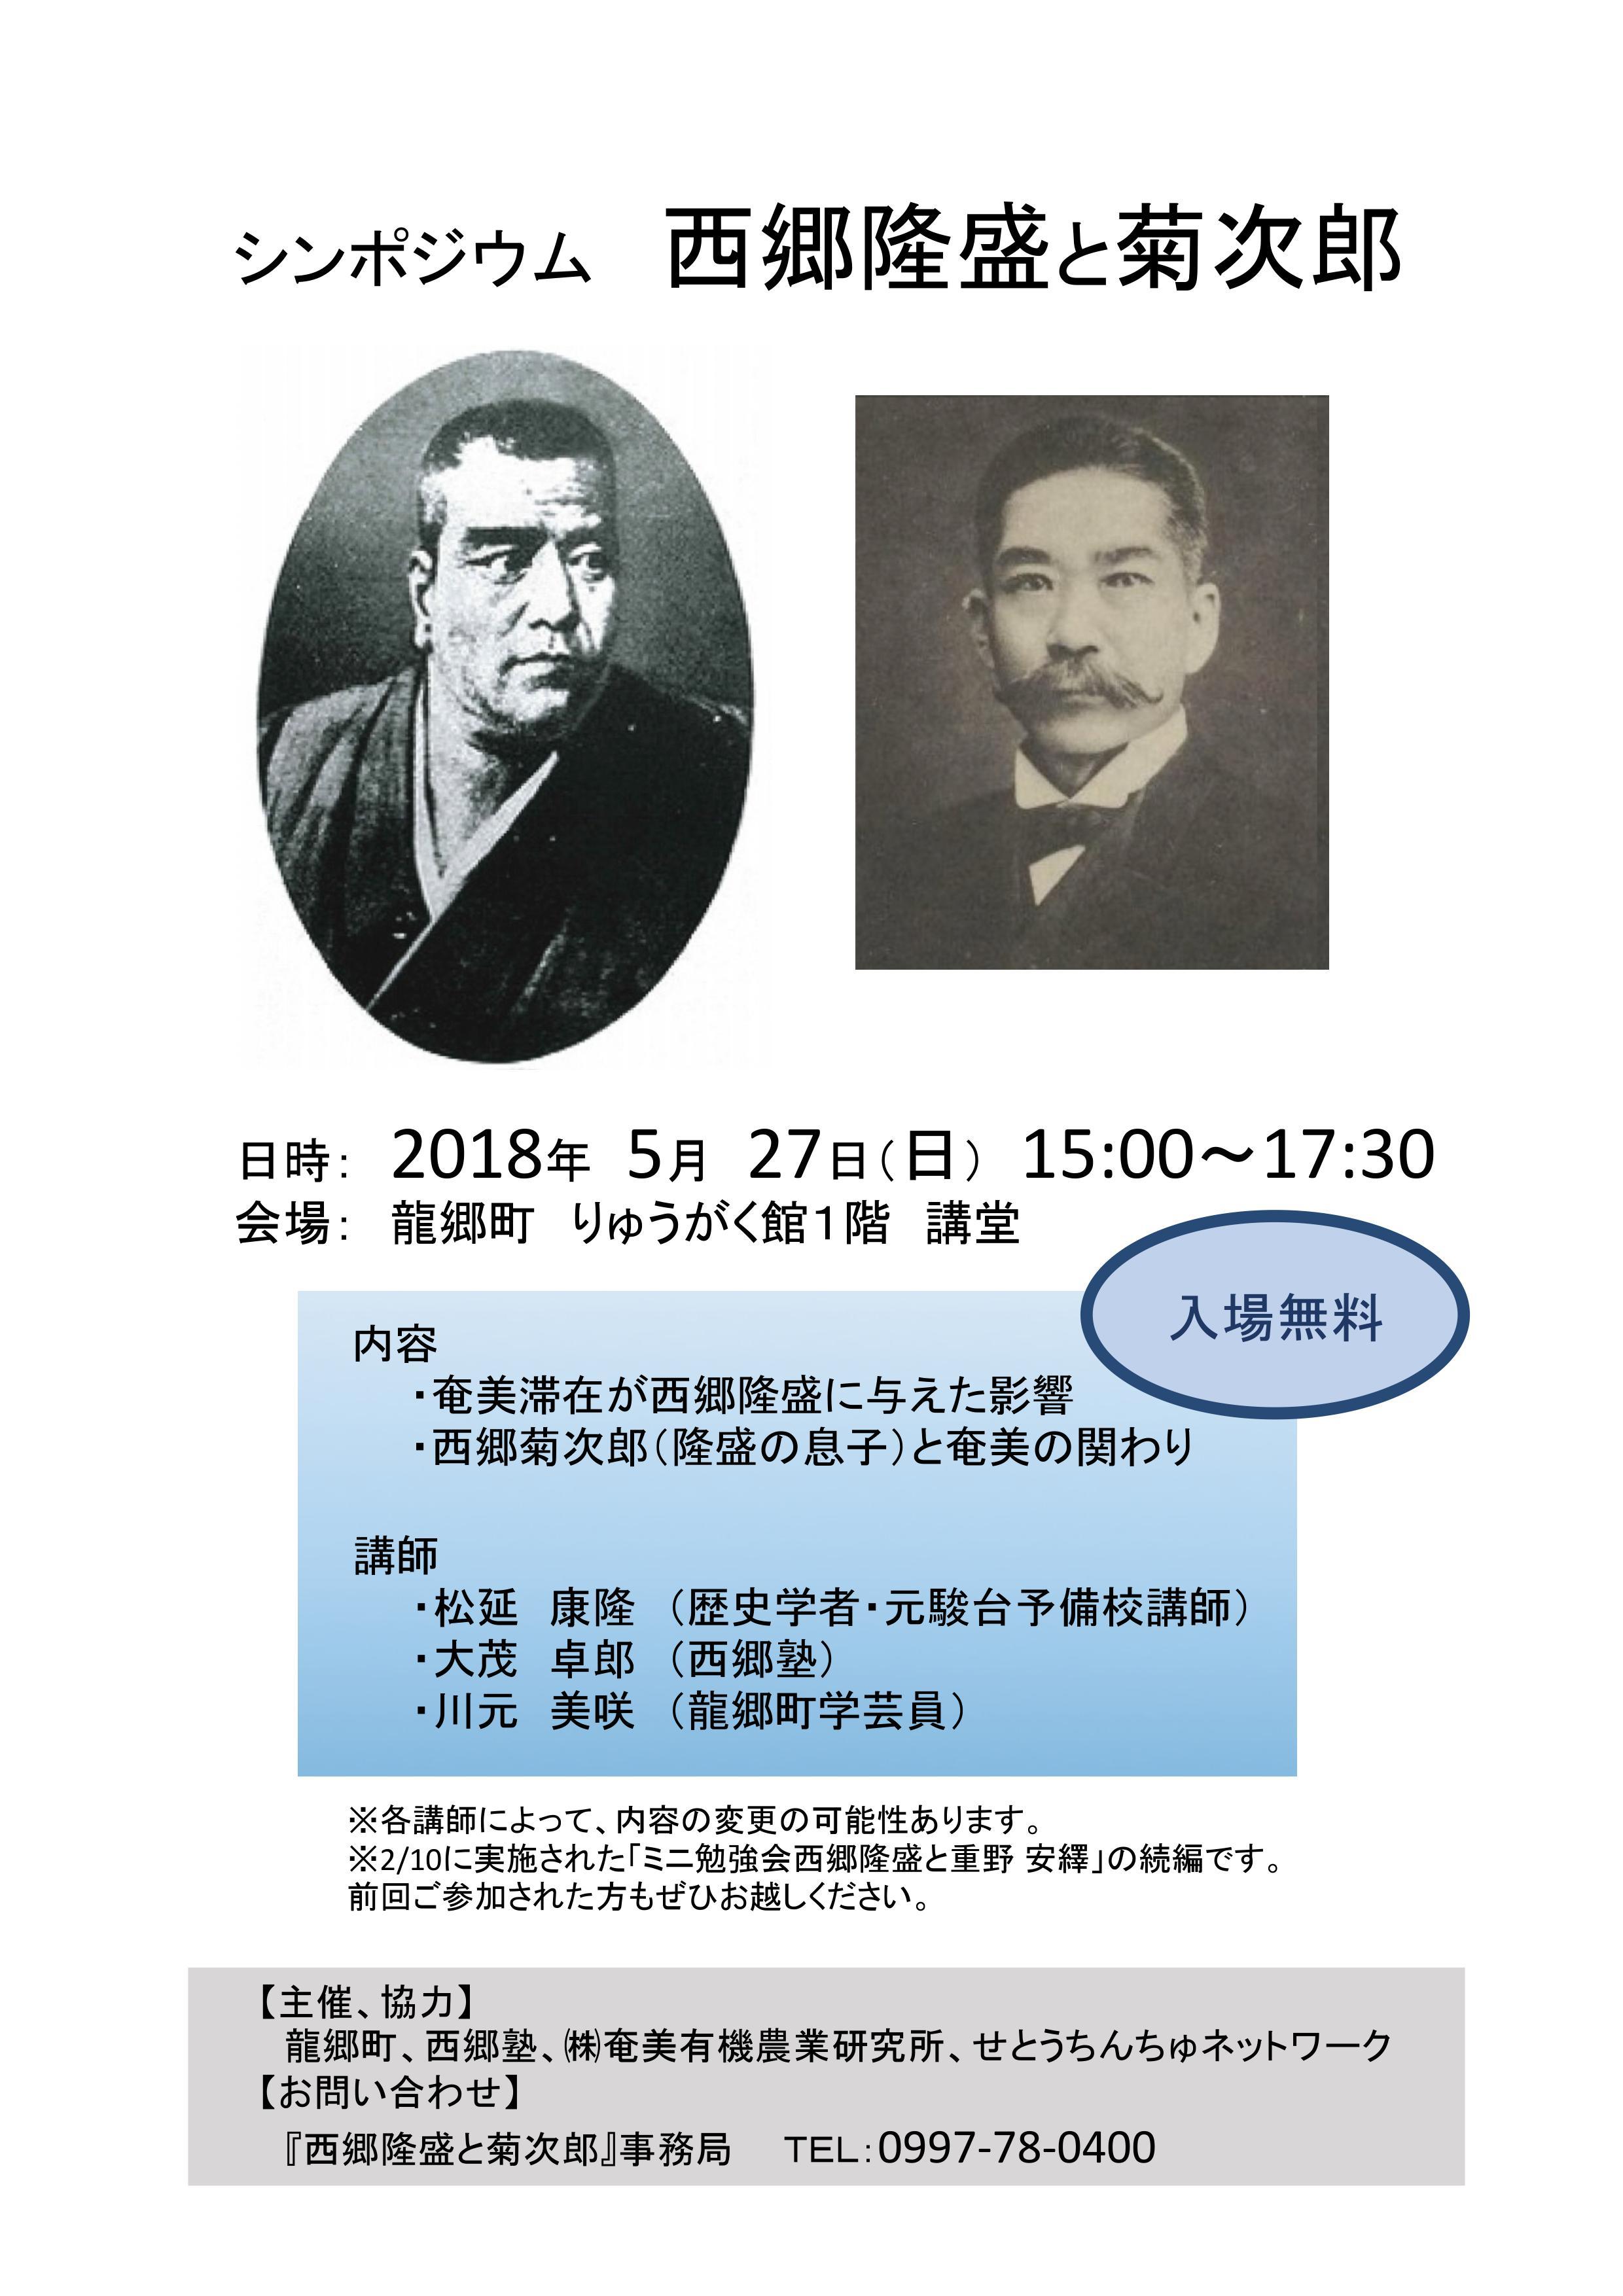 西郷隆盛と菊次郎・奄美大嶋観光ガイド